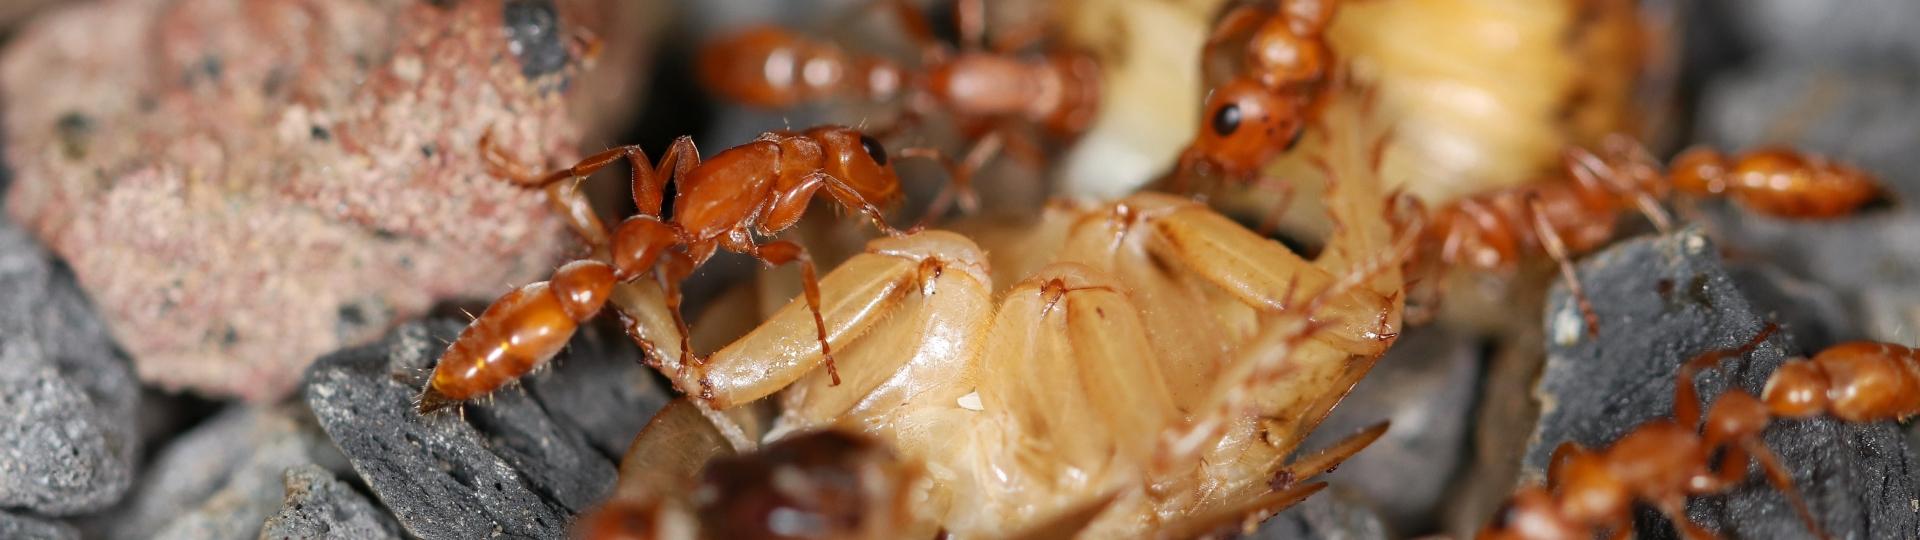 Tetraponera schulthessi 12 Arbeiterinen beim Fressen auf dem Bodengrund 06